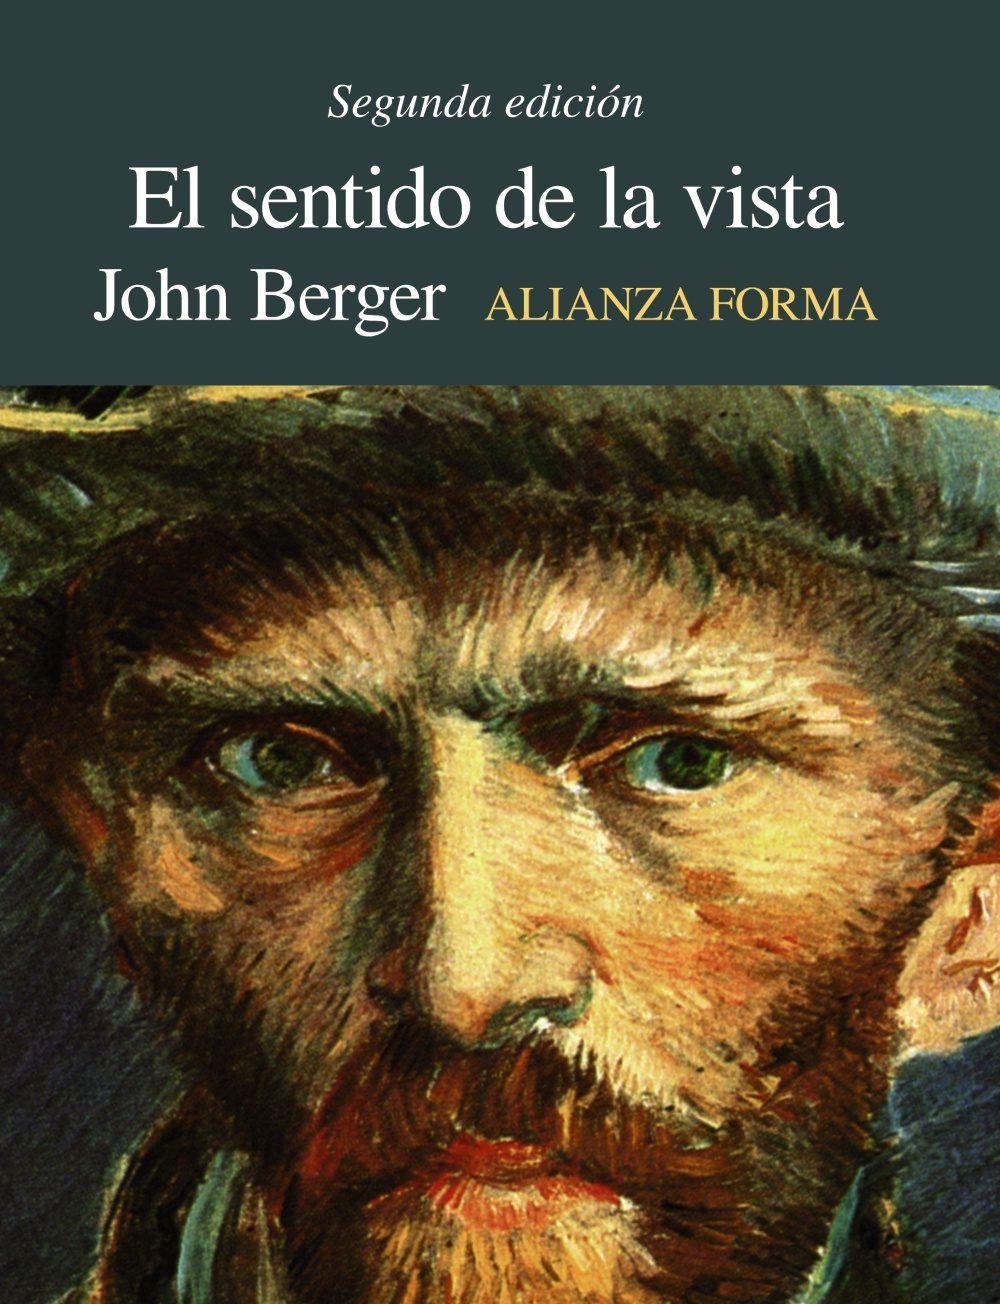 El sentido de la vista. Alianza, 1990 http://fama.us.es/record=b1063789~S16*spi